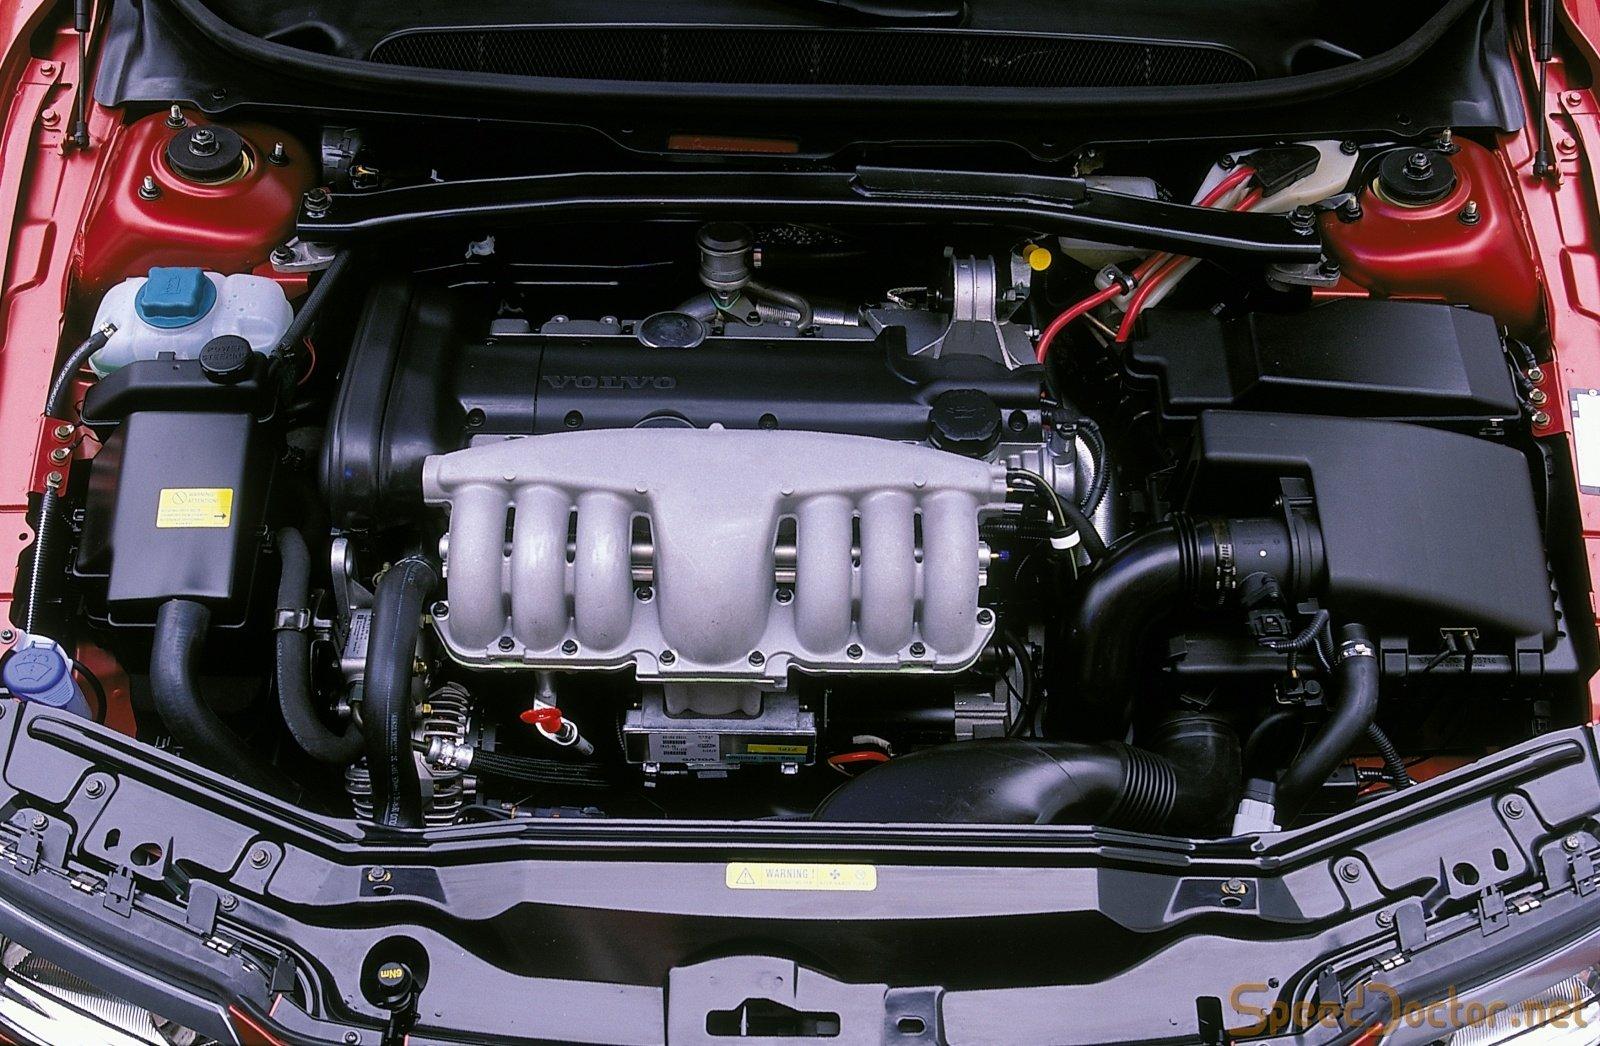 2000 volvo s80 engine diagram wiring for ac condenser fan motor os motores com as configurações mais inusitadas da